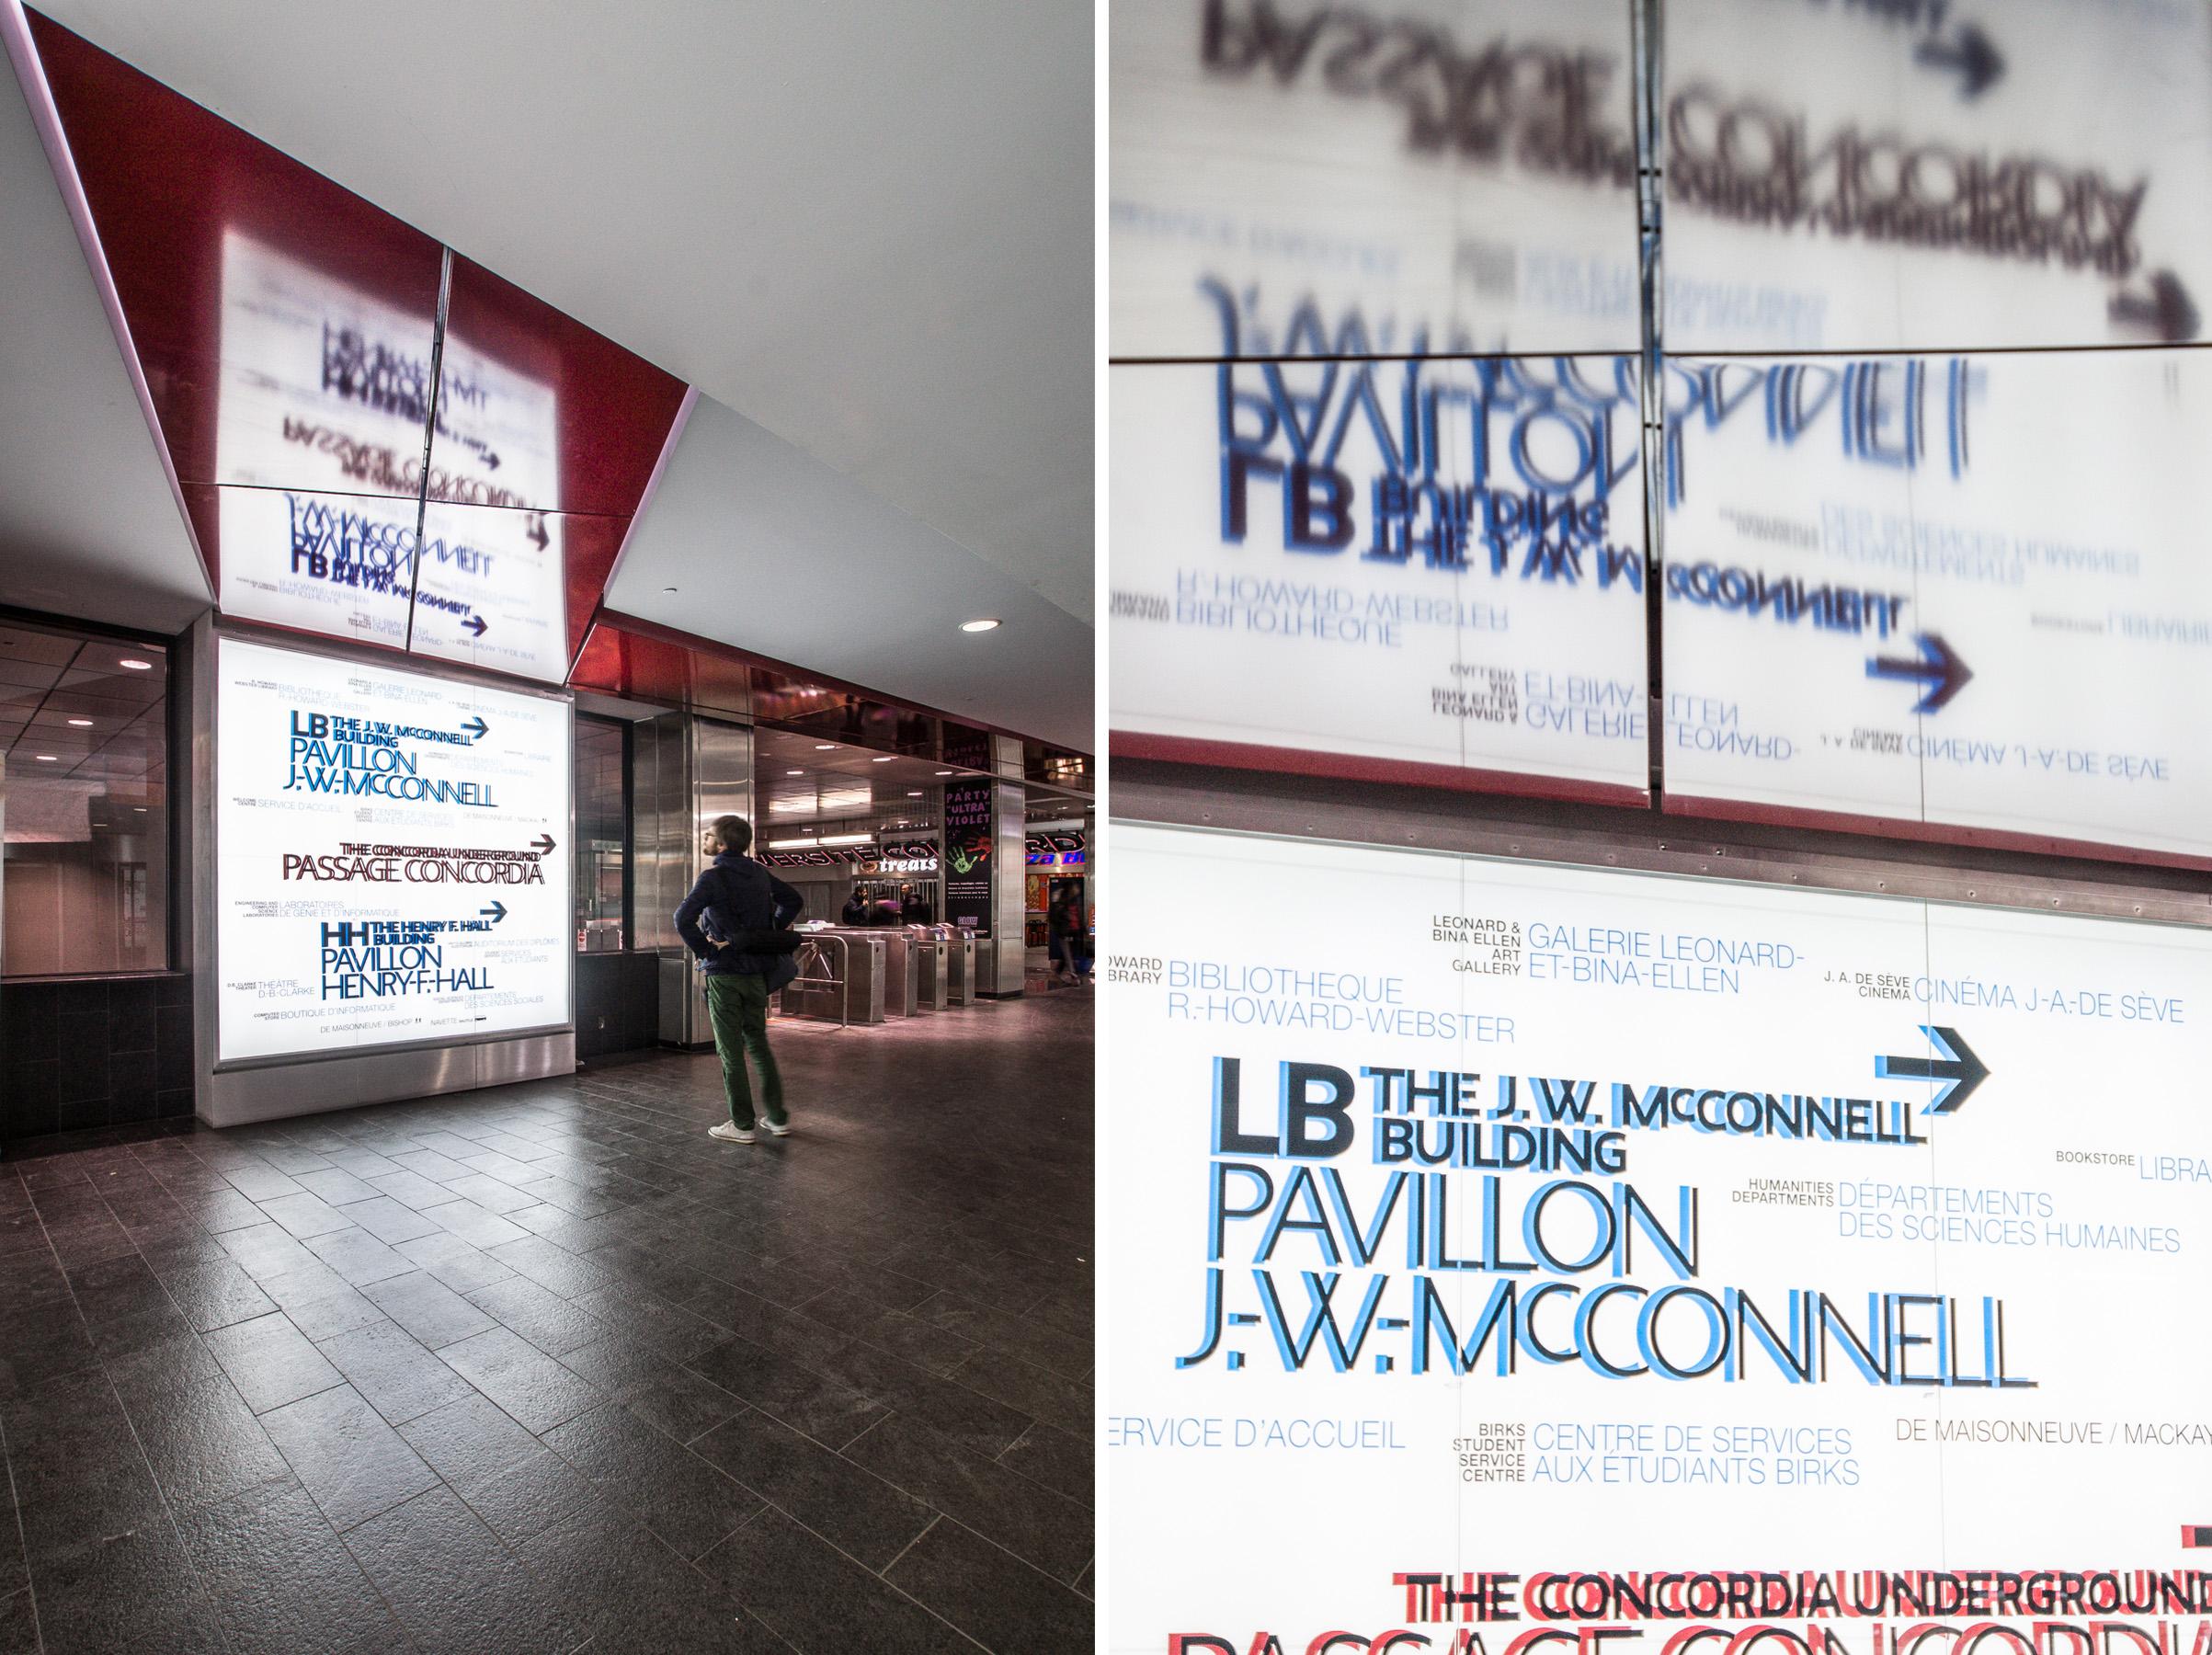 Affichage Concordia de IJB , photos : Raphaël Thibodeau